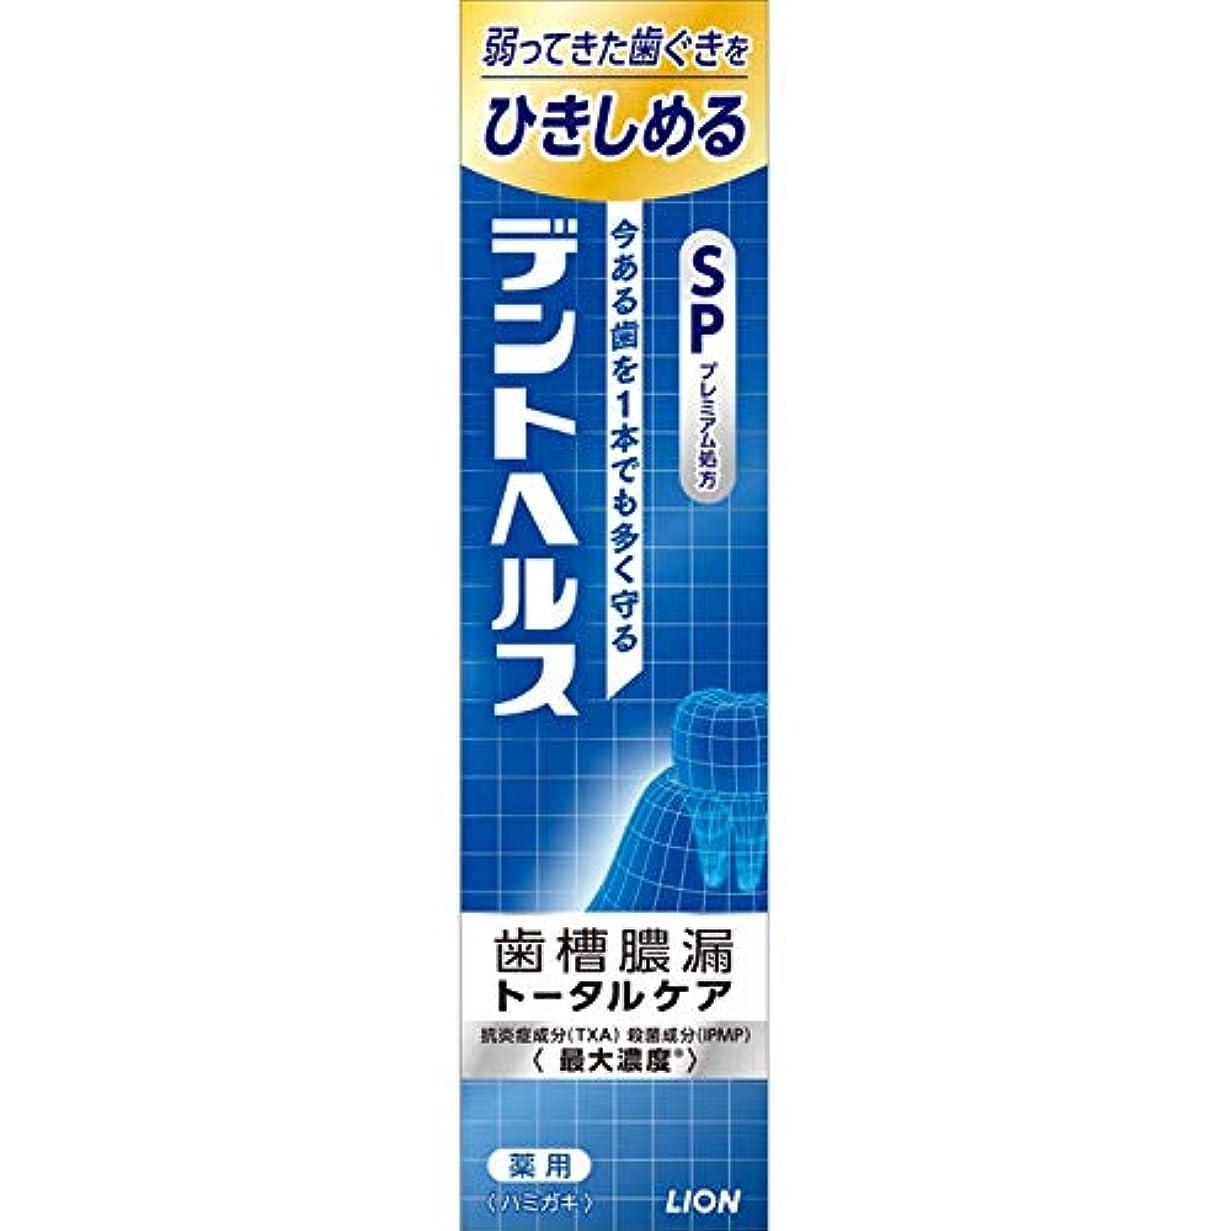 必須割り当てサバントライオン デントヘルス 薬用ハミガキ SP 120g (医薬部外品)